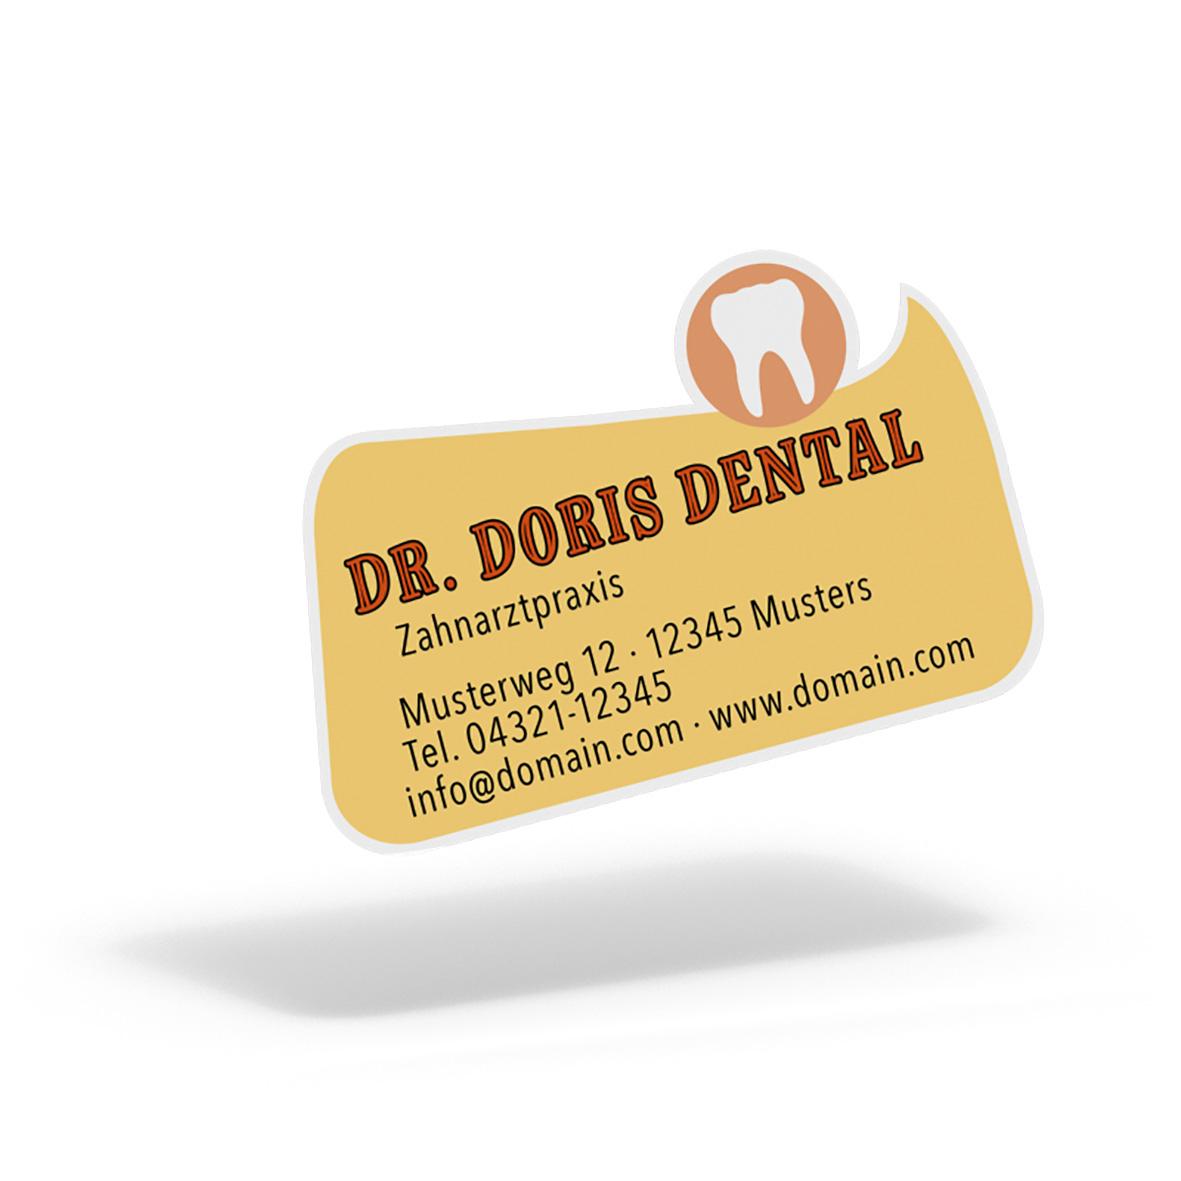 Pythagoras Marketing Gmbh Folien Aufkleber Etiketten Rechteckige Blase Zahnarzt Geschenkgutscheine Visitenkarten Kundenkarten Und Weitere